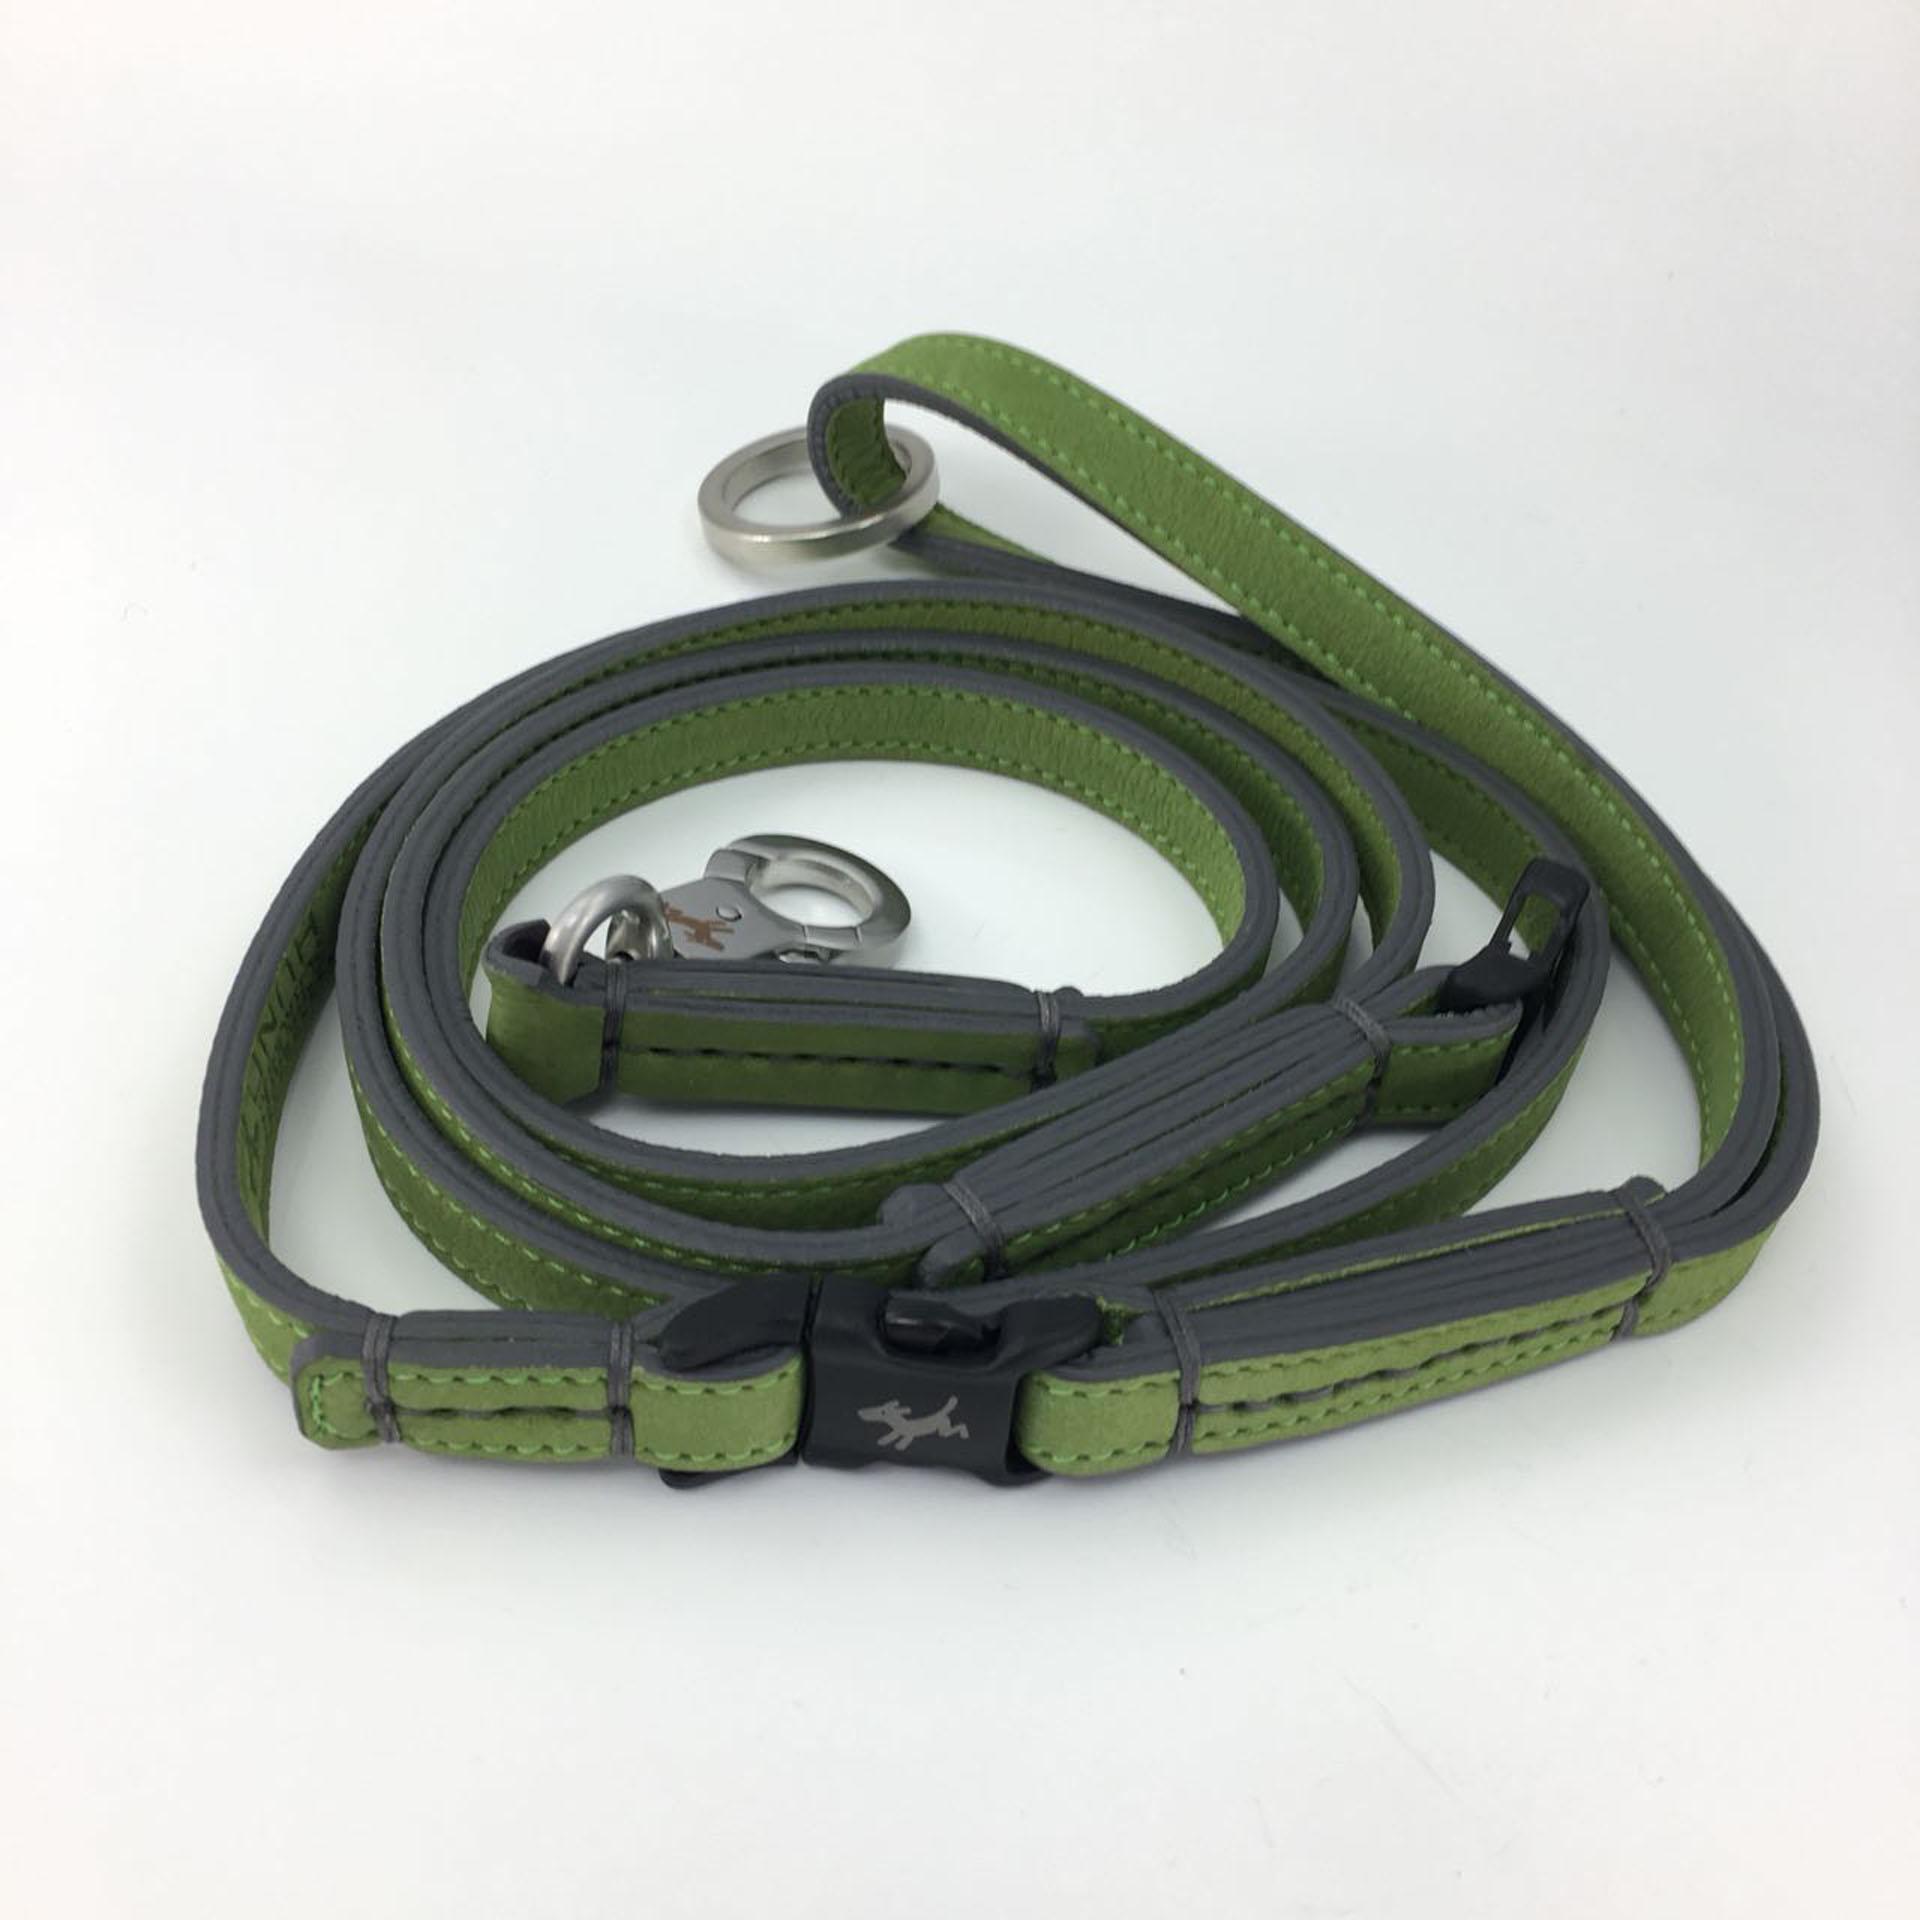 Hundeleine-schröders-hund-grün